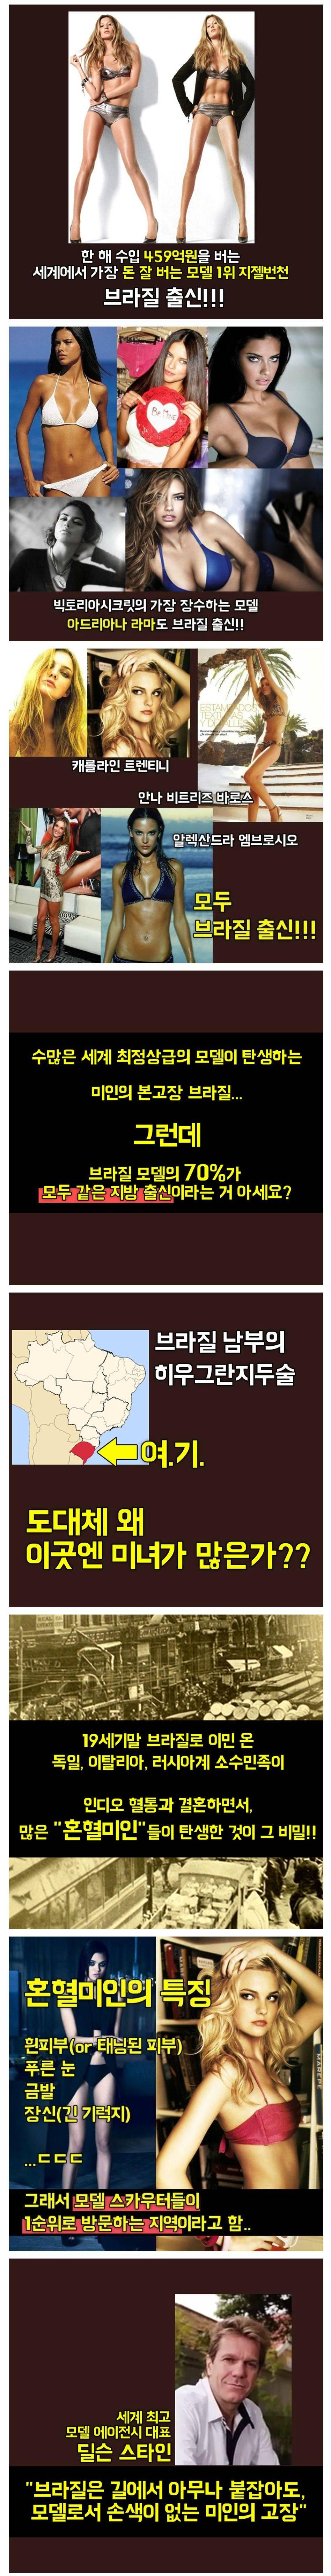 브라질에 미인이 많은 이유.jpg